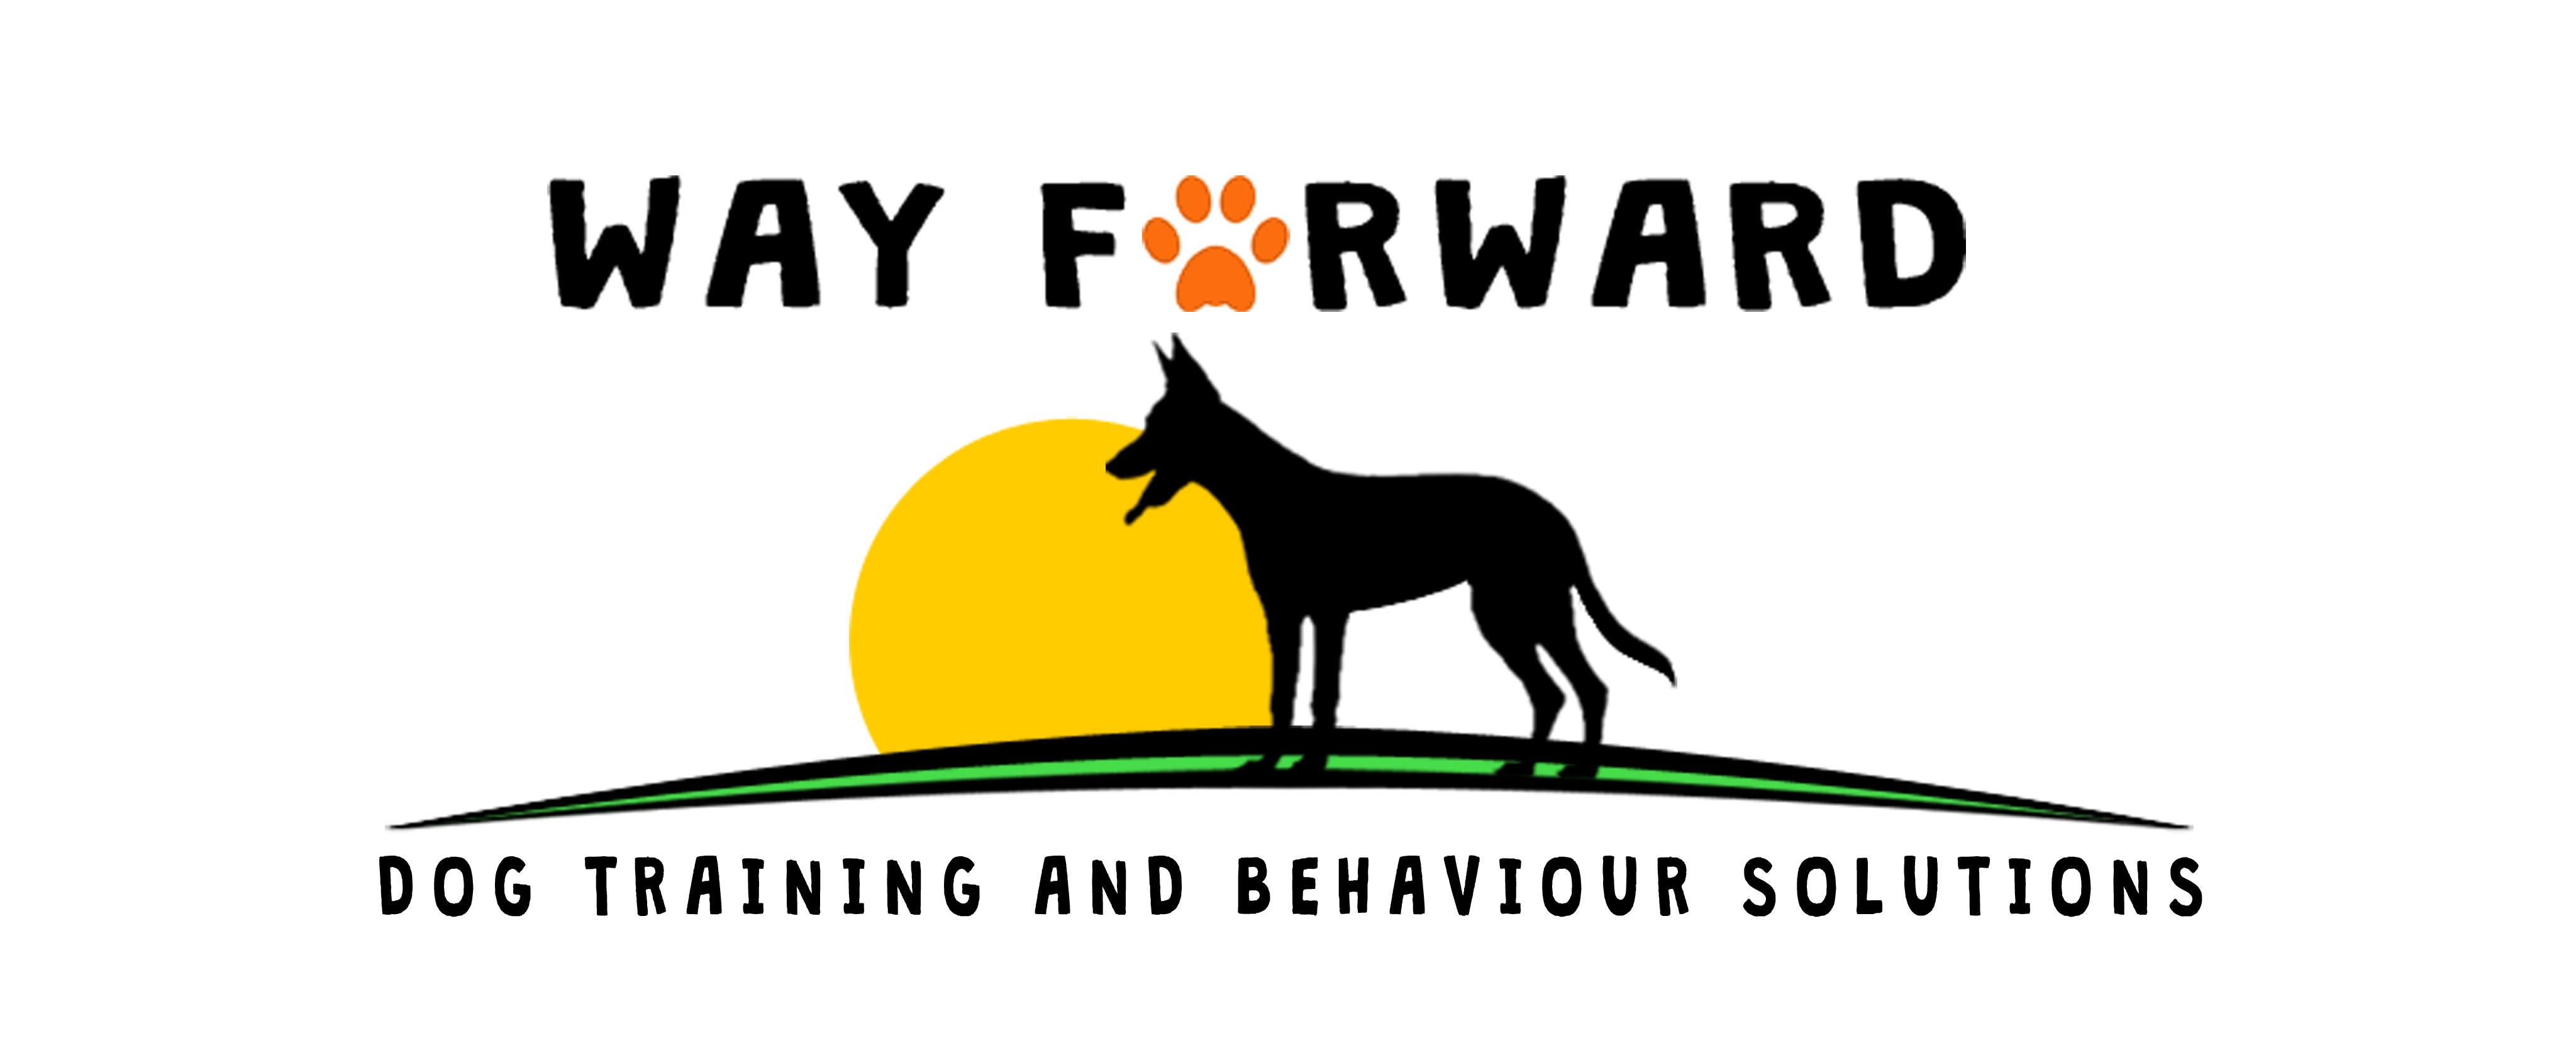 Way Forward Dog Training Solutions